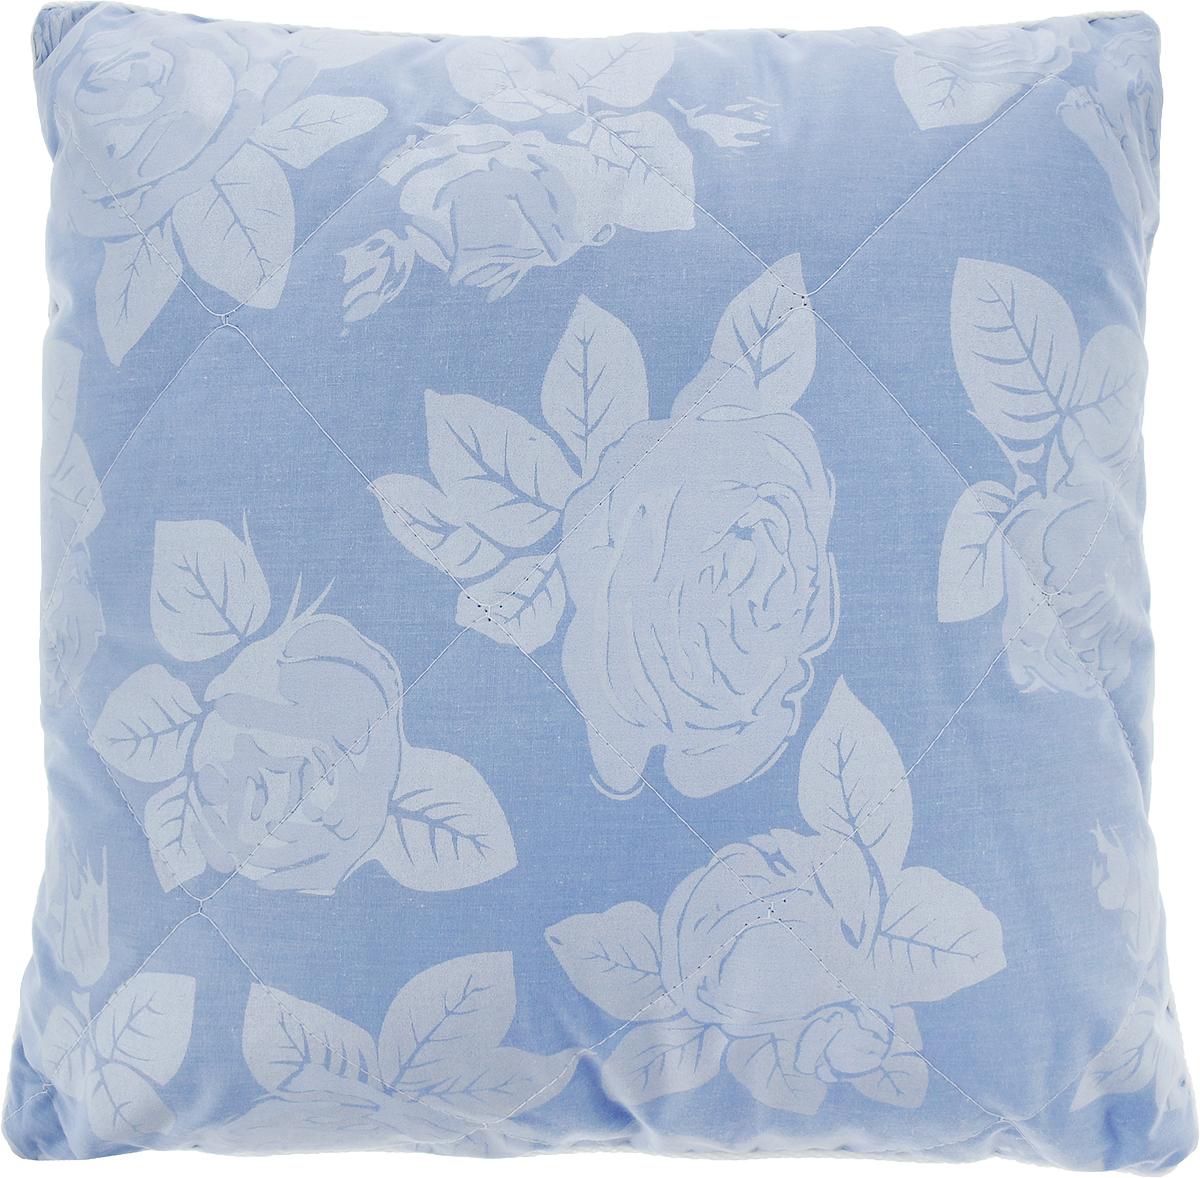 Подушка Bio-Teхtiles Очарование, наполнитель: искусственный лебяжий пух, цвет: голубой, 40 х 40 см